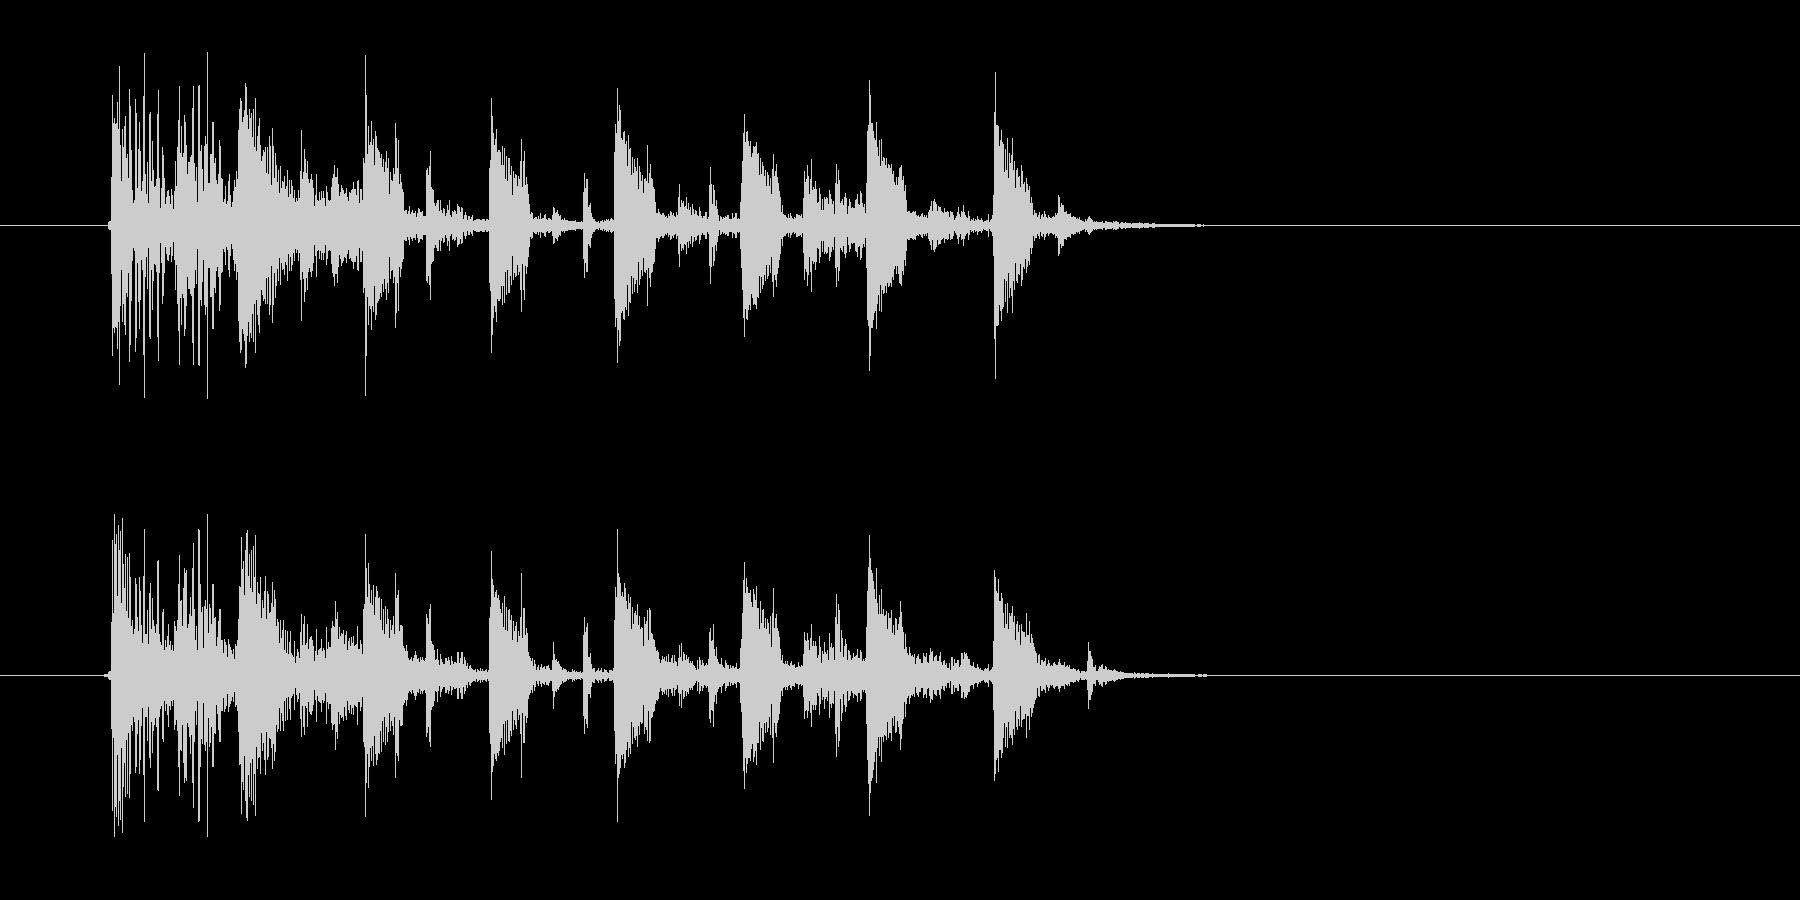 力強いドラムが響くジングルの未再生の波形